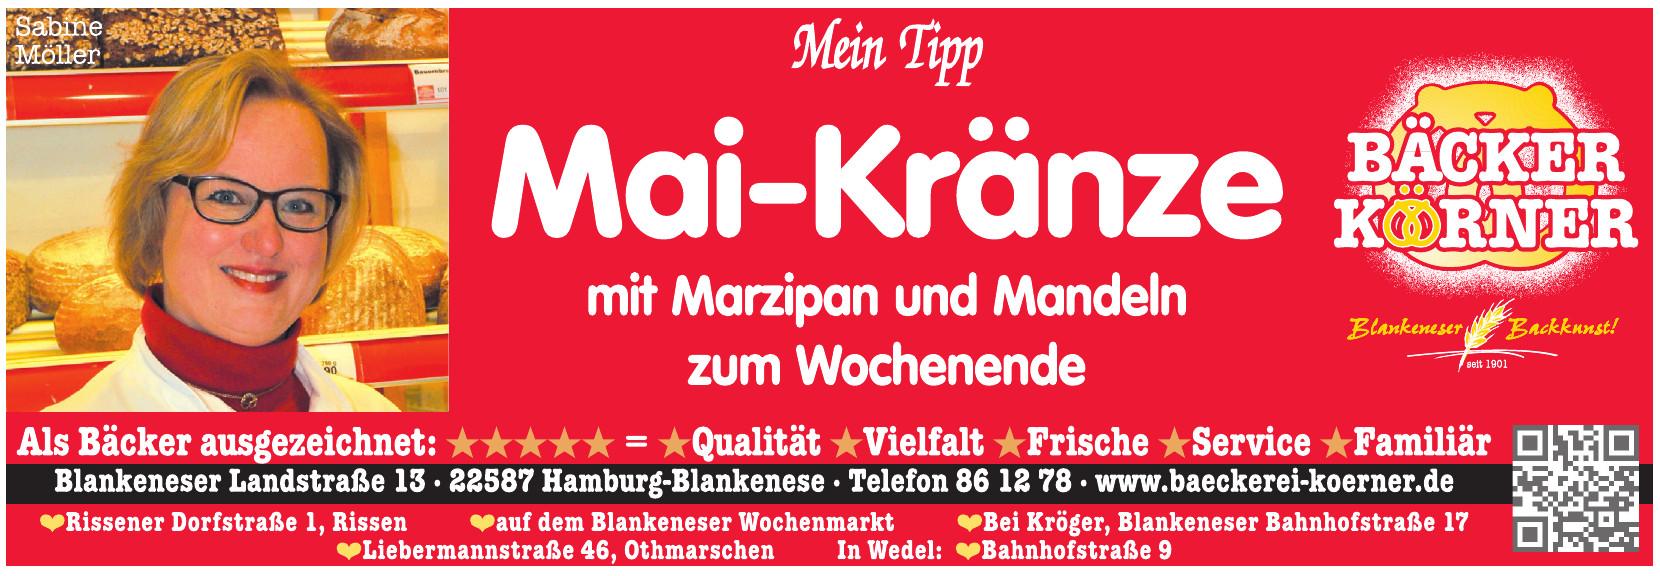 Bäckerei Hartmut Körner e.K.